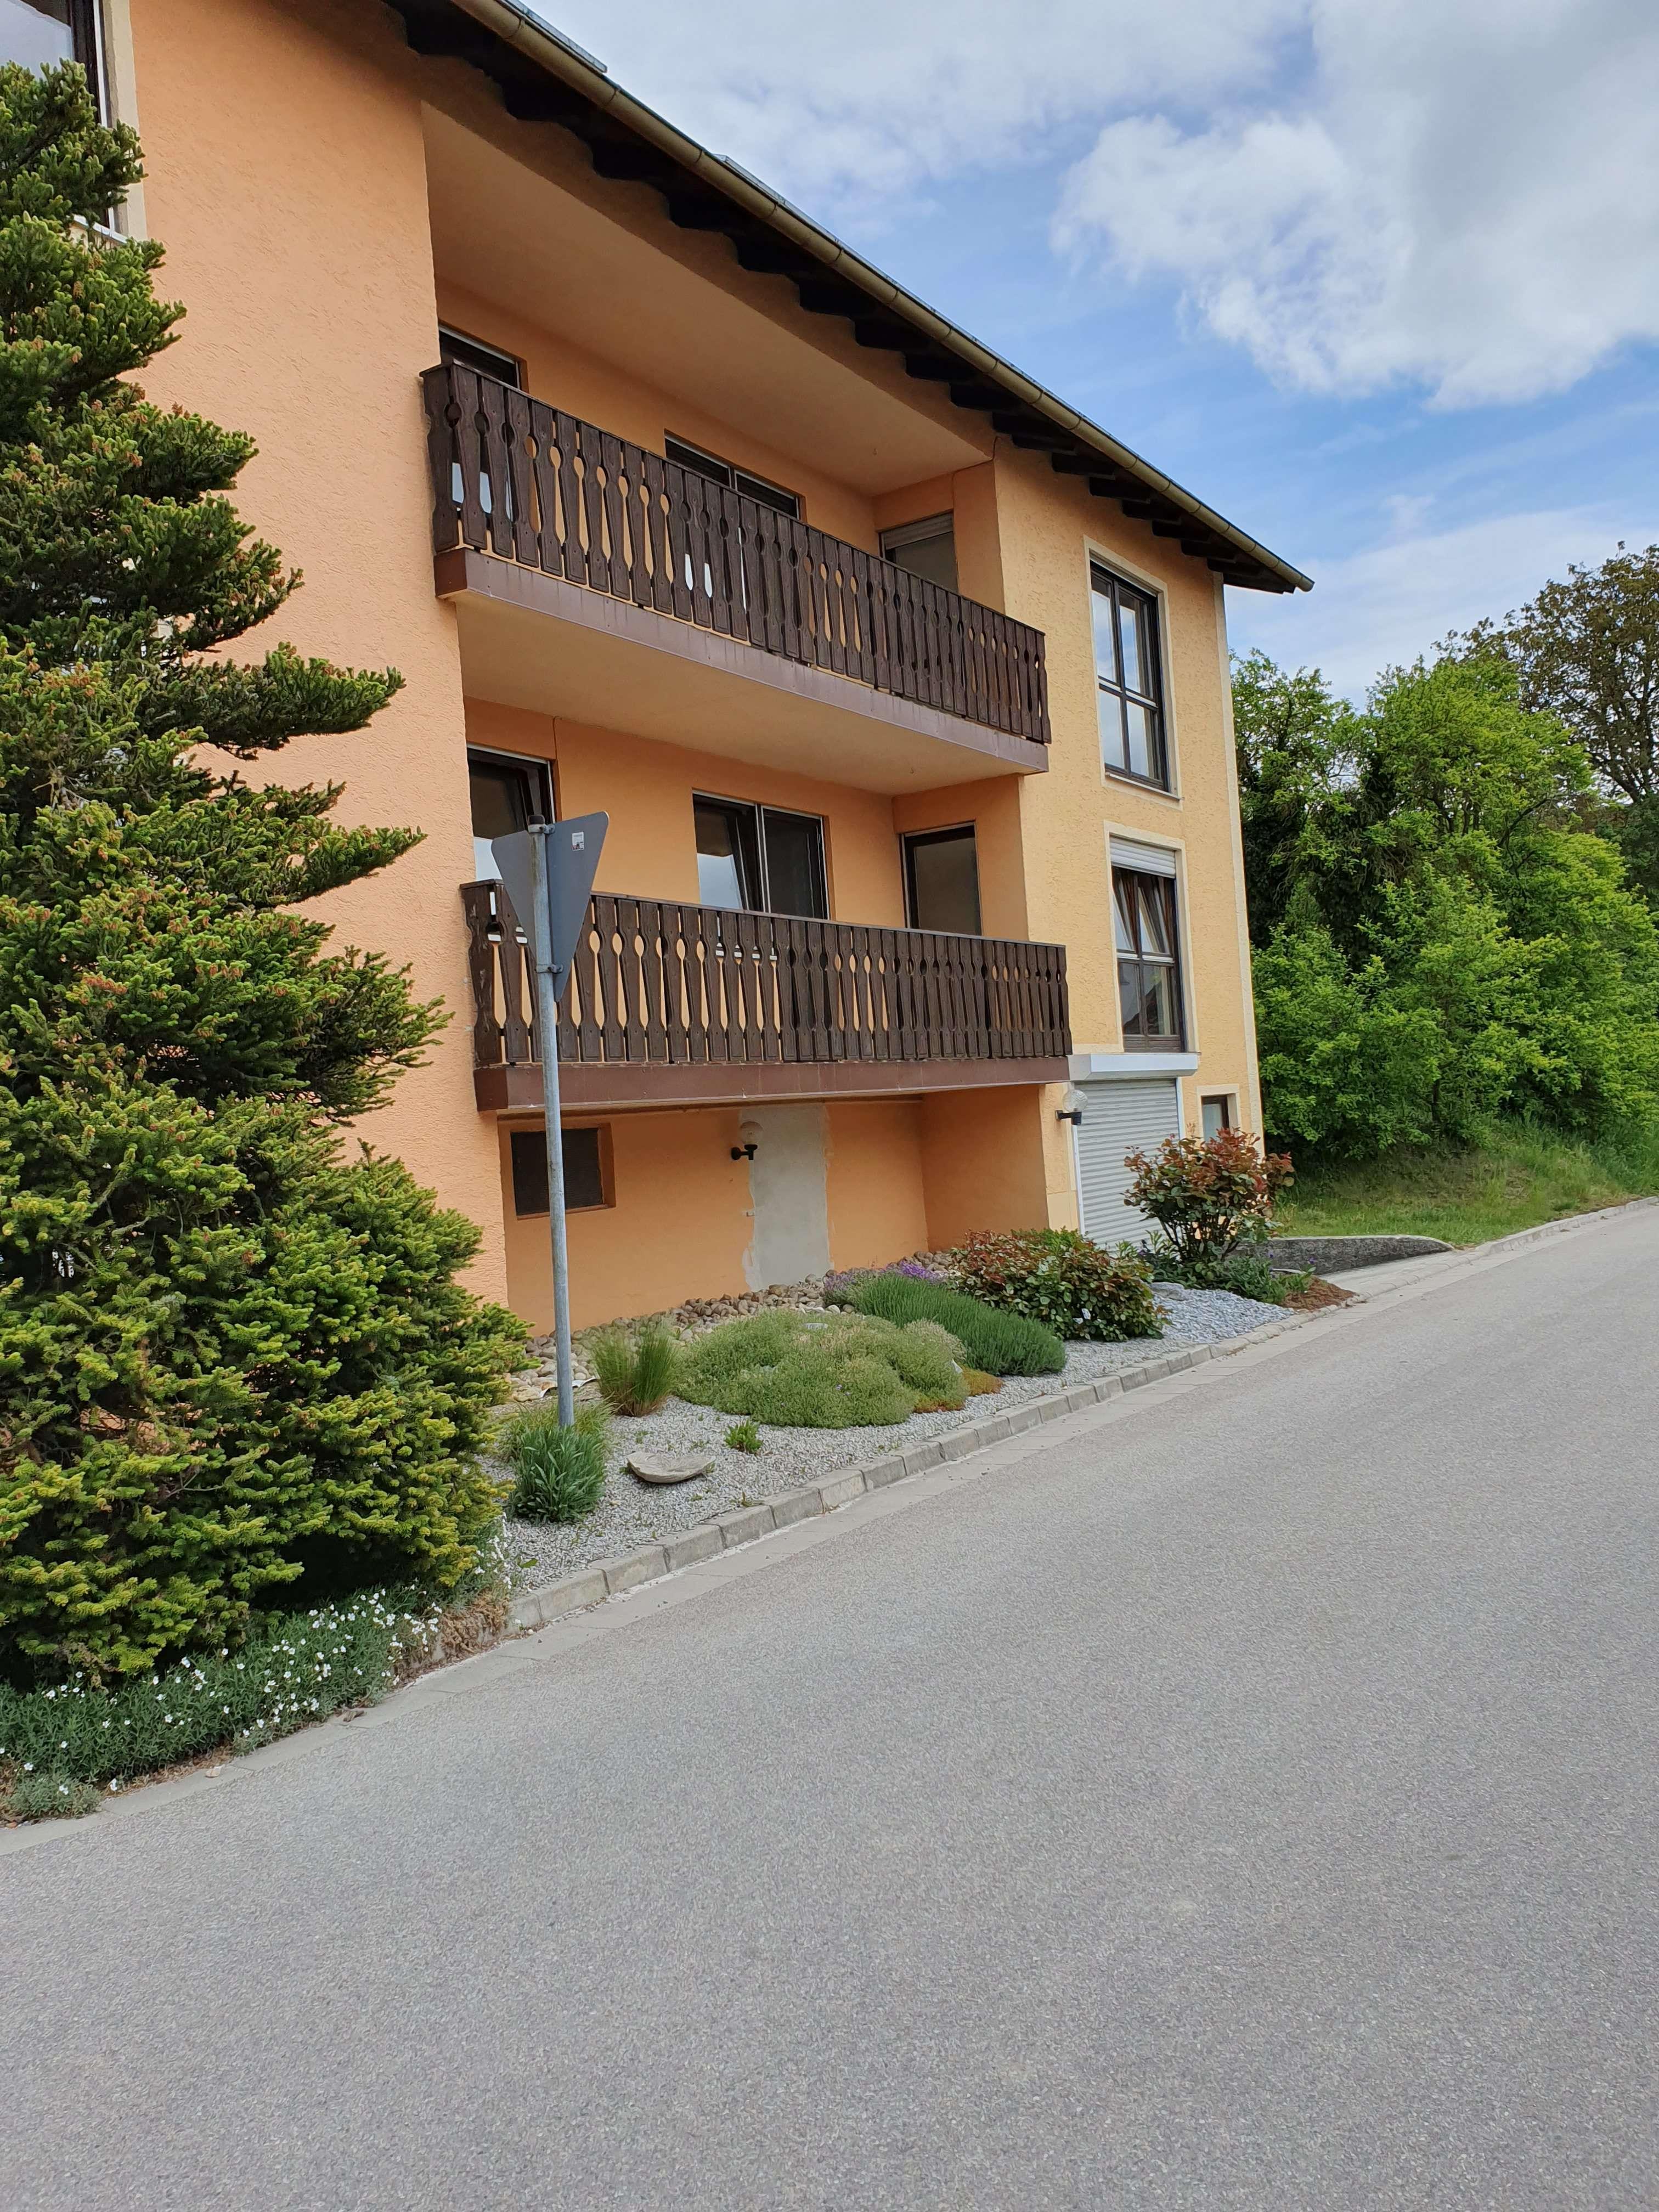 Großzügige  helle 5 Zimmerwohnung  mit Balkon in ruhiger Lage